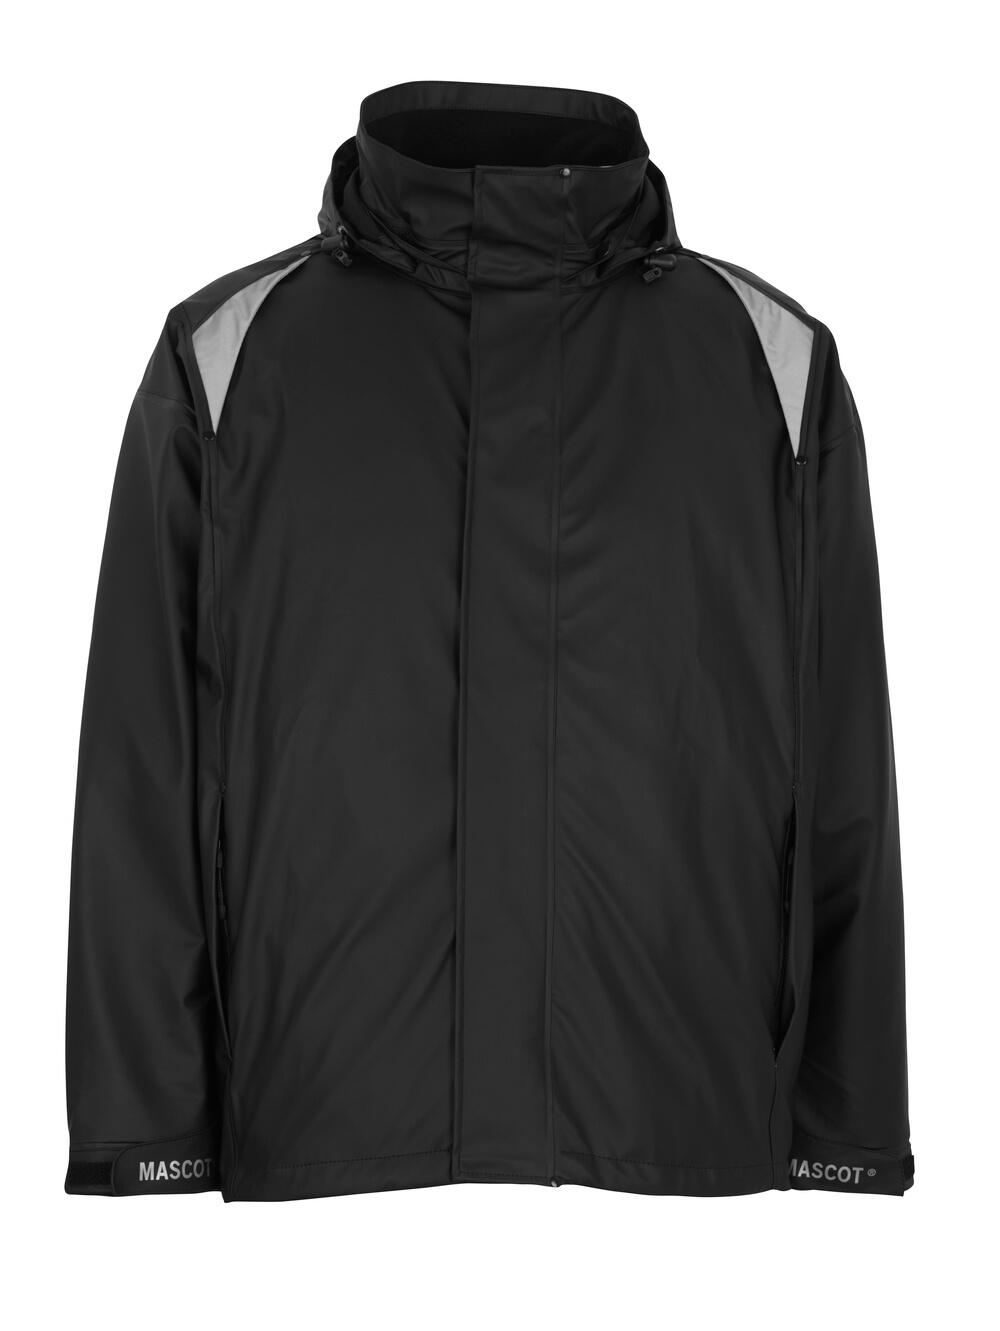 50202-859-09 Regnjacka - svart